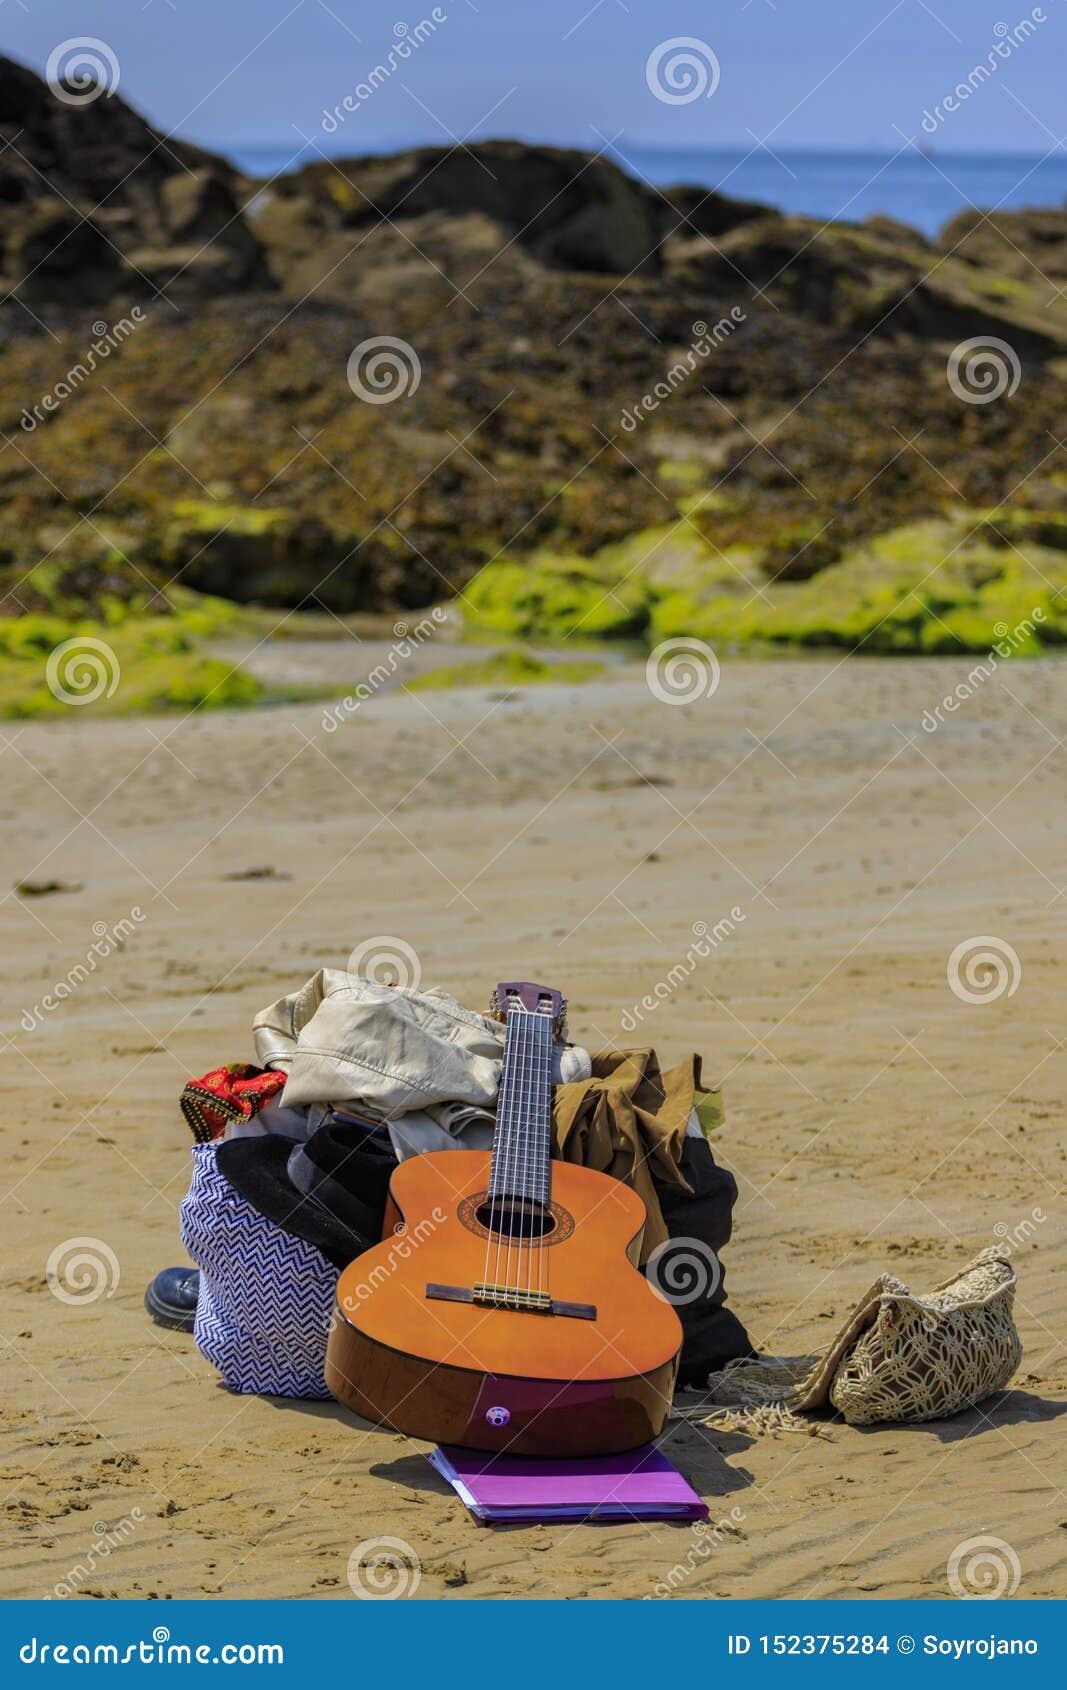 Les bottes de guitare mettent en sac sur la plage